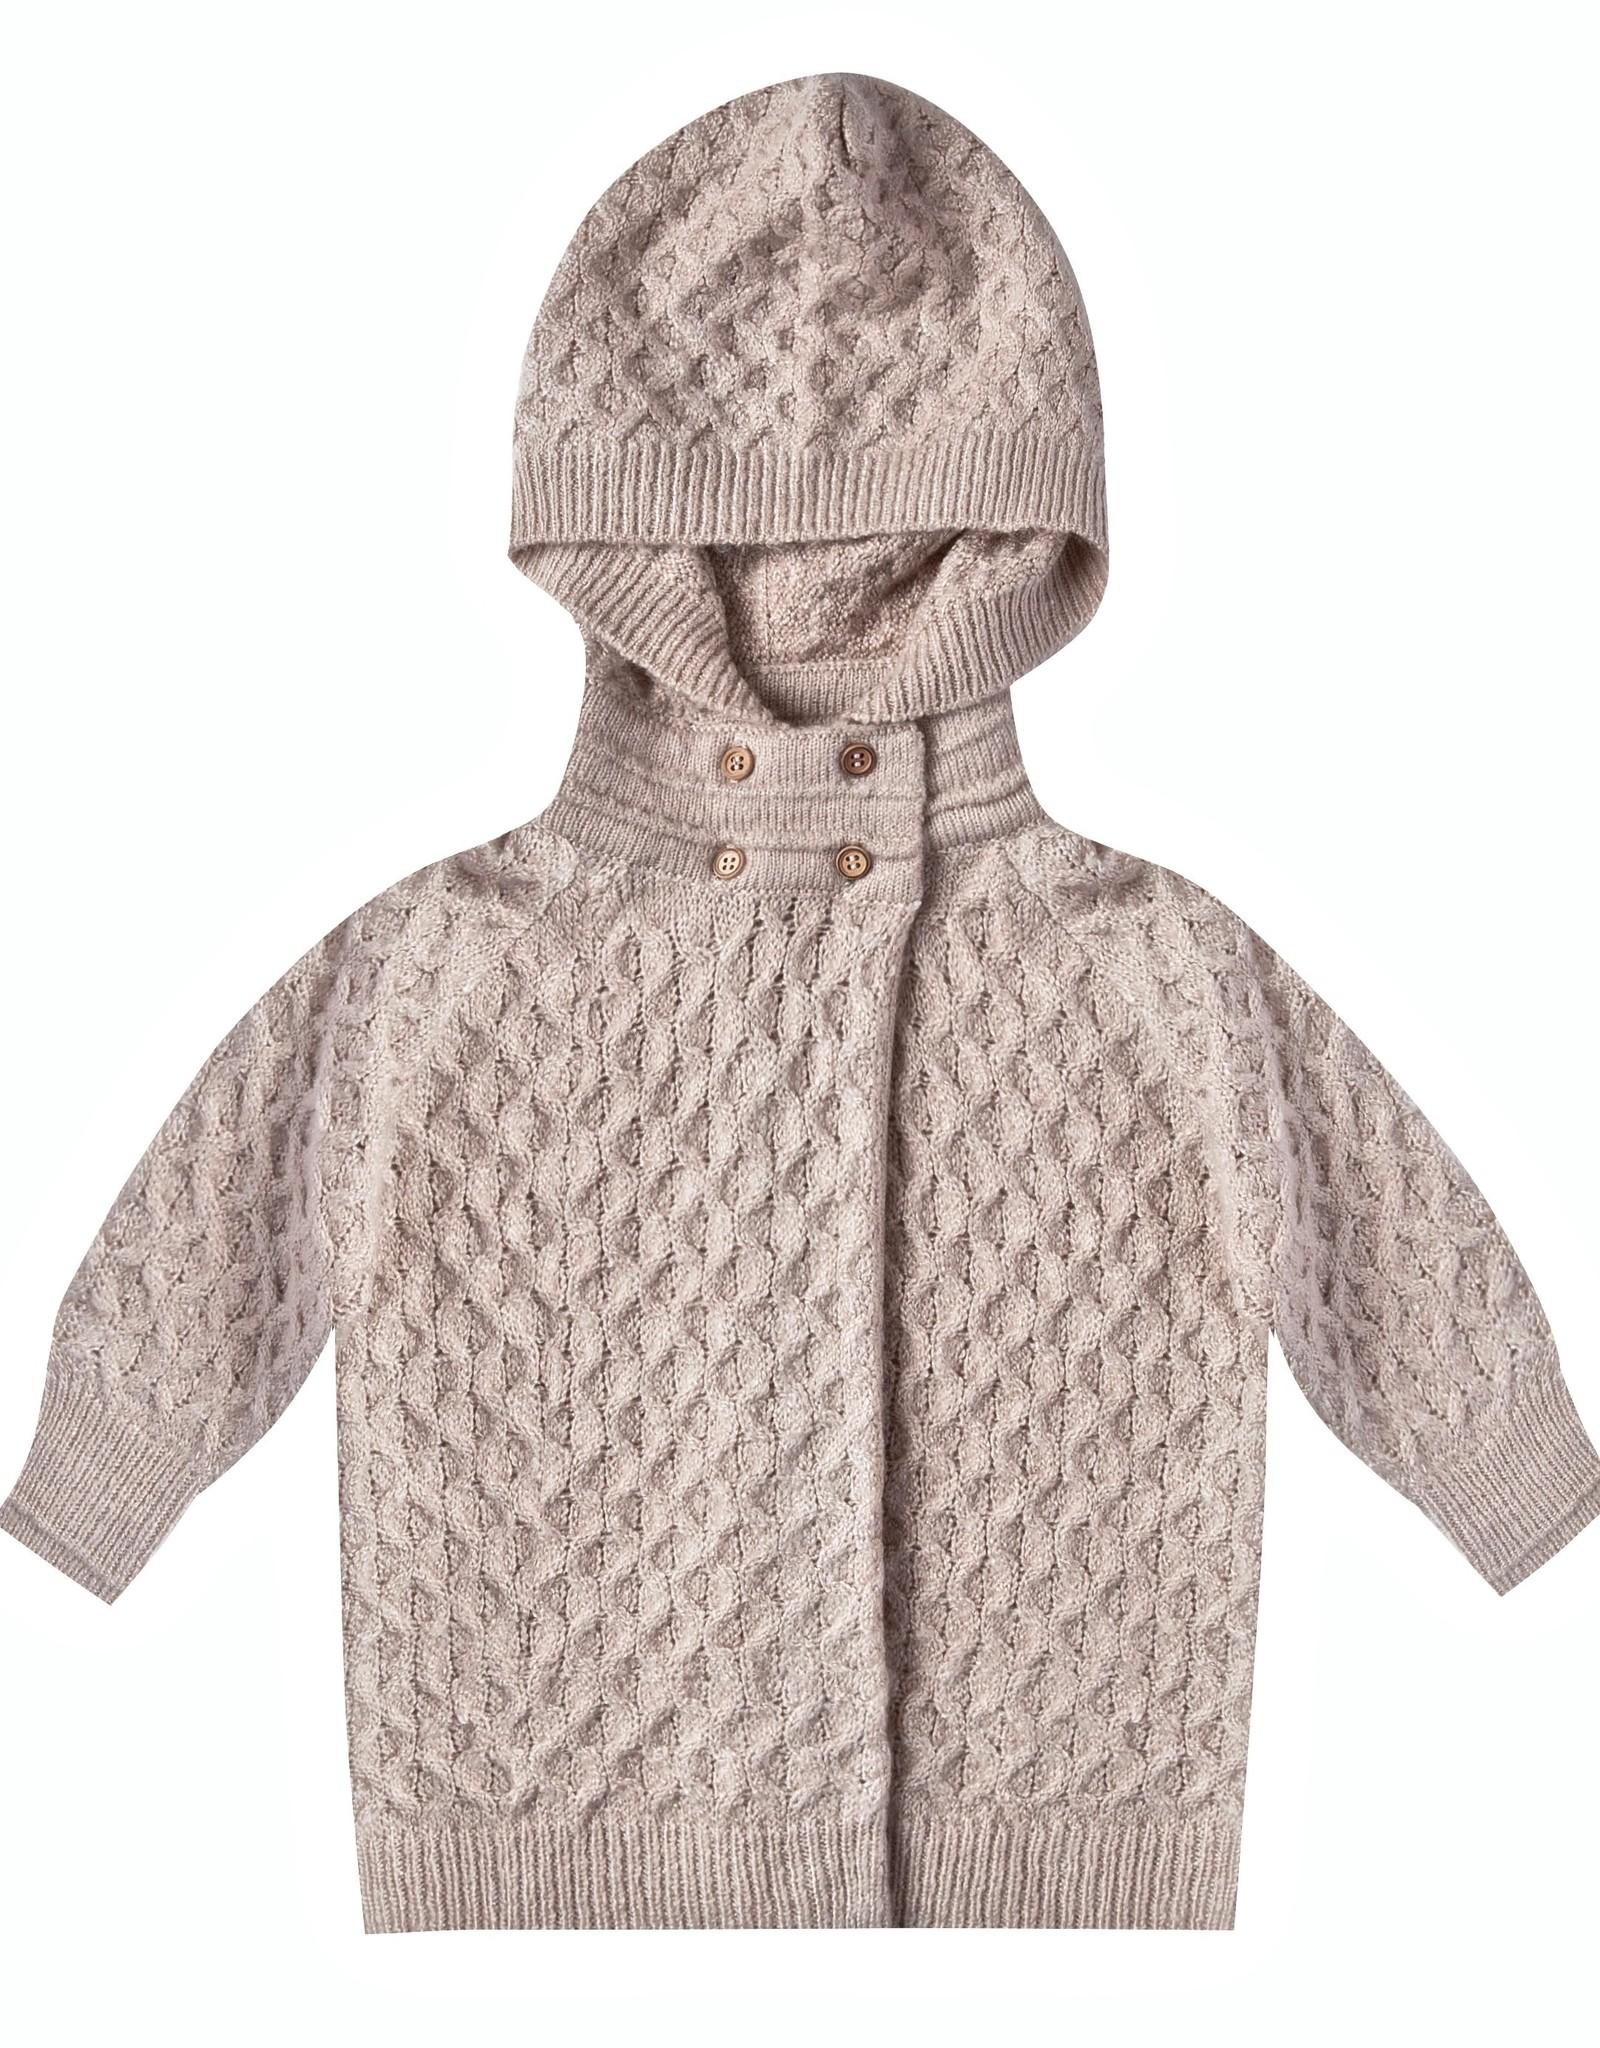 Rylee + Cru Infant Oat Honeycomb Knit Cardigan & Legging